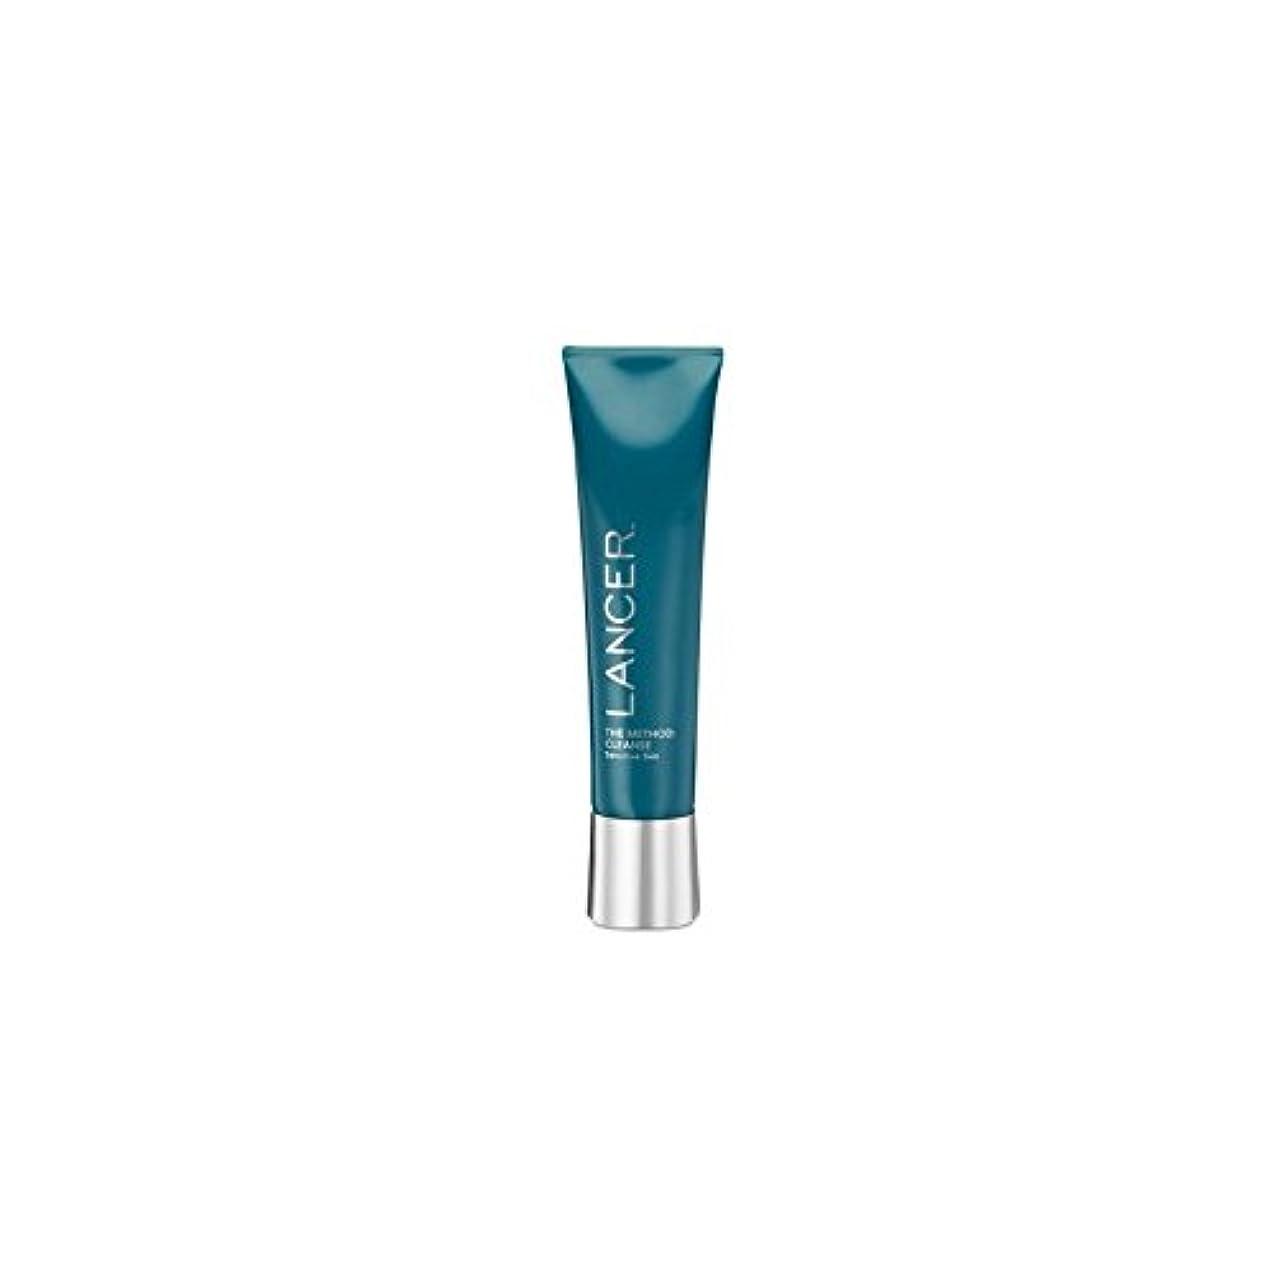 刈るクッションオフセットLancer Skincare The Method: Cleanser Sensitive Skin (120ml) - クレンザー敏感肌(120ミリリットル):ランサーは、メソッドをスキンケア [並行輸入品]